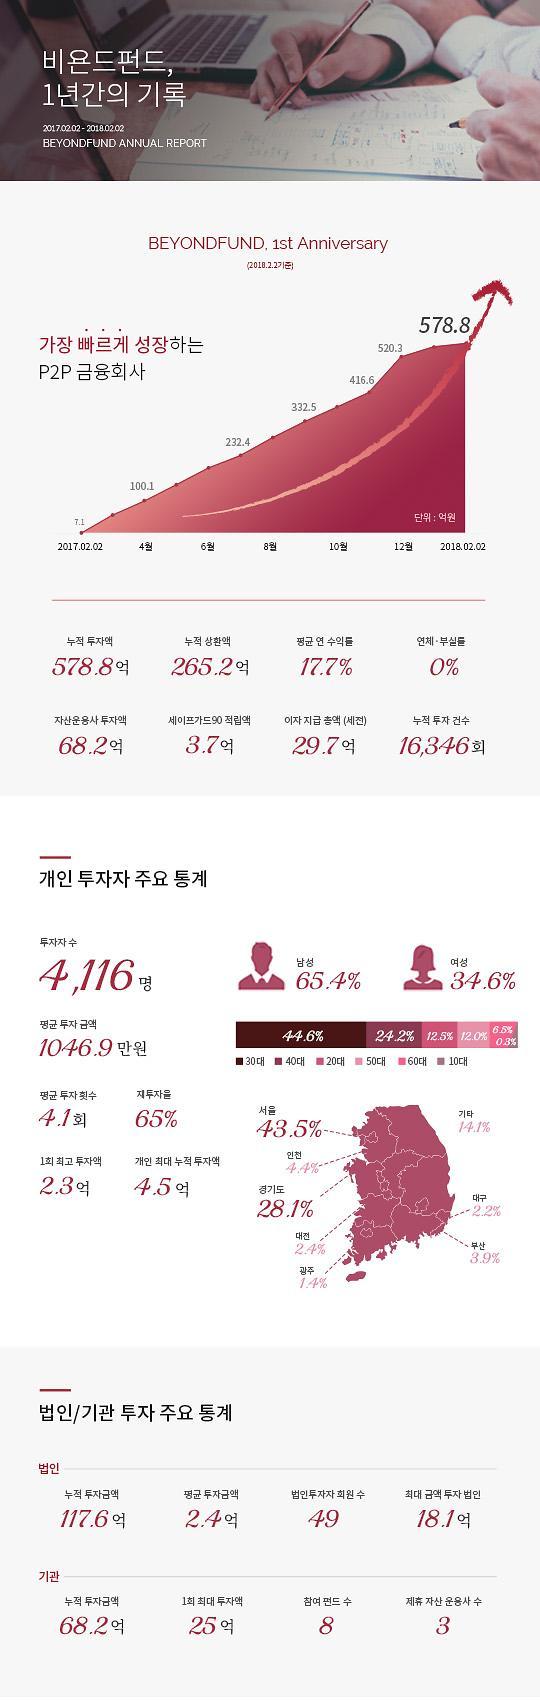 비욘드펀드, 출시 1년만에 누적대출액 578억 돌파